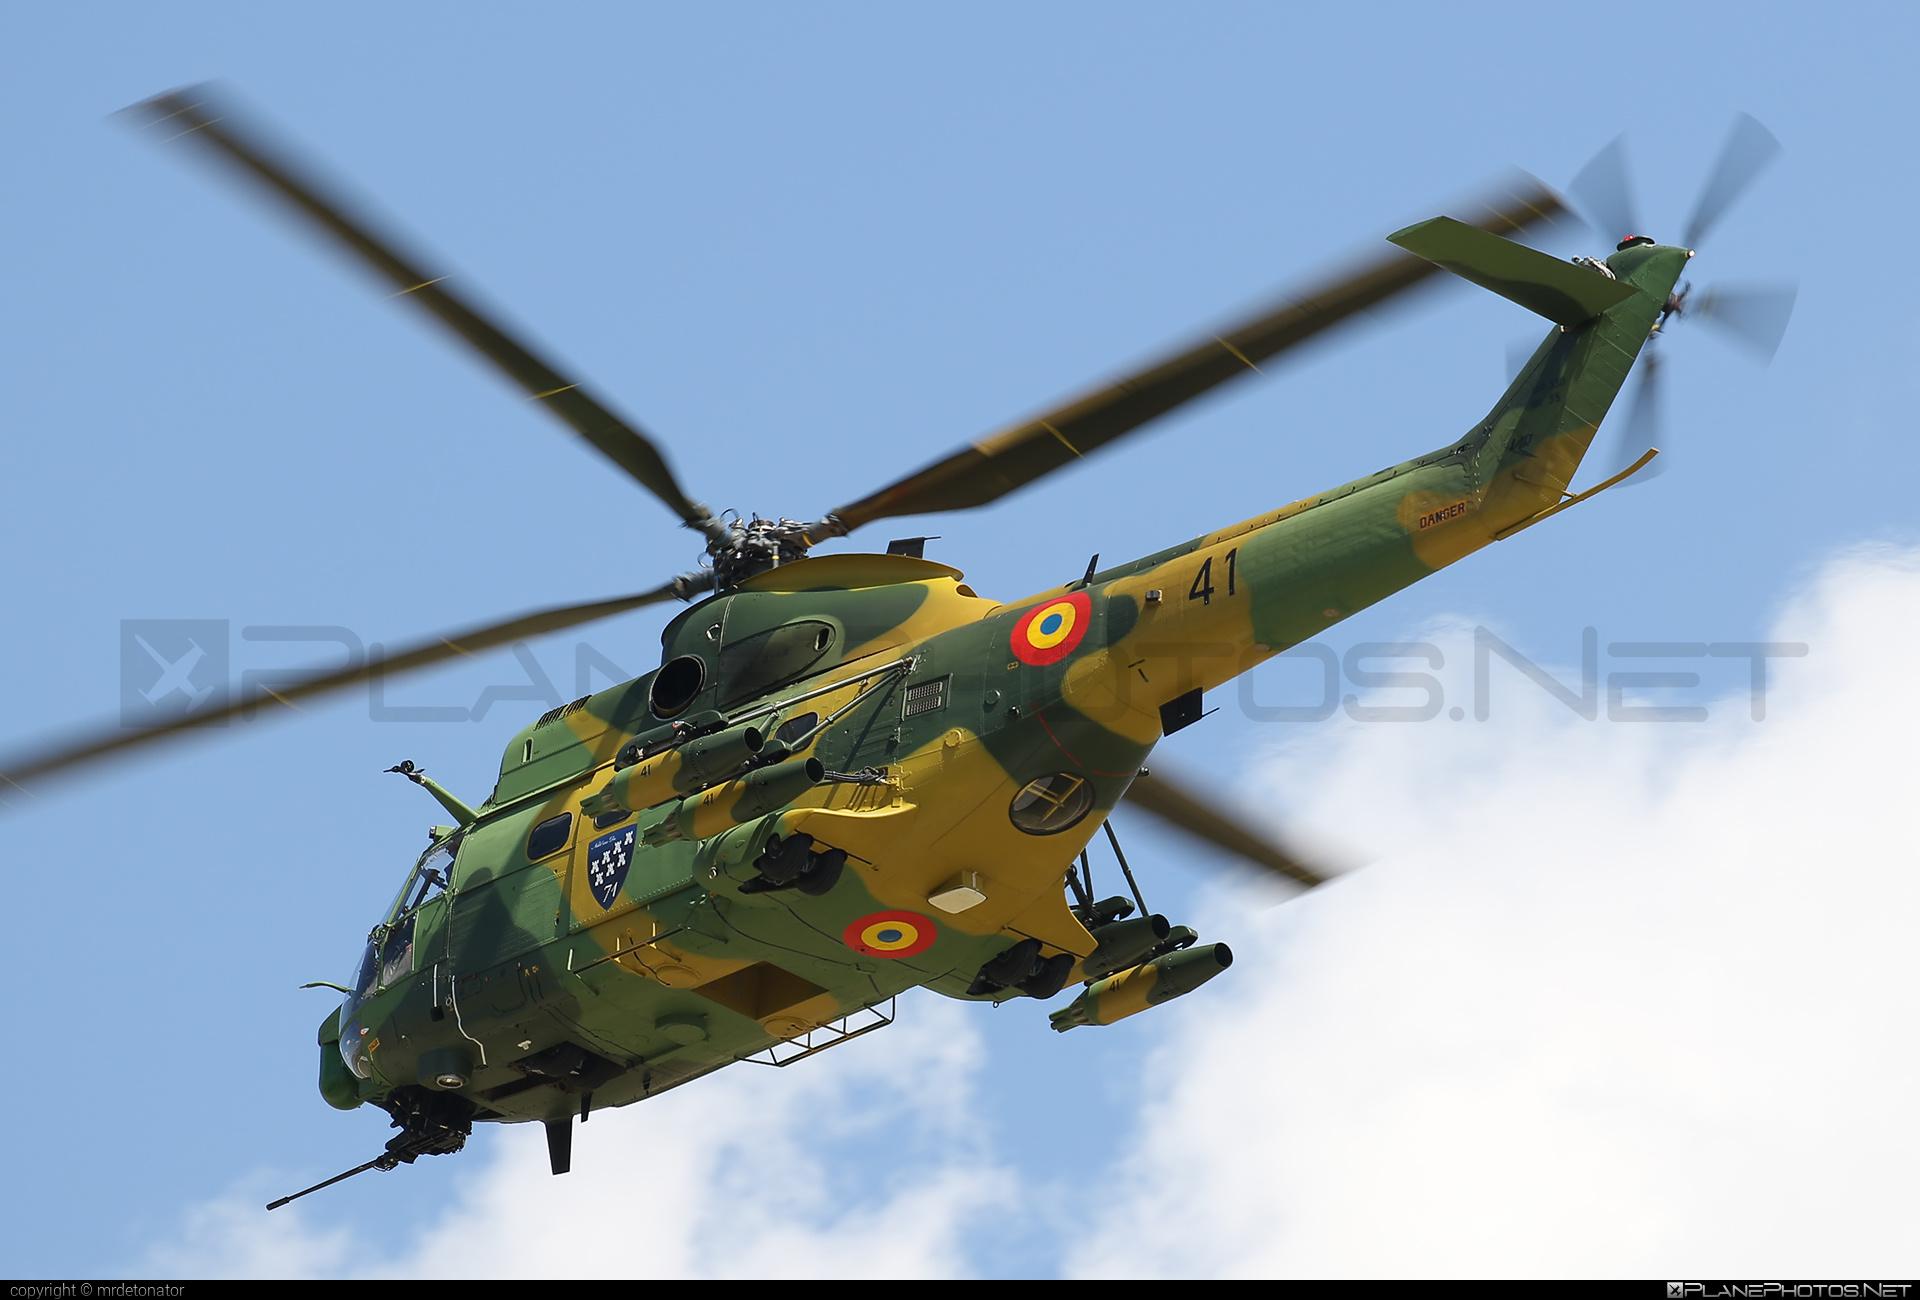 IAR IAR-330L Puma SOCAT - 41 operated by Forţele Aeriene Române (Romanian Air Force) #forteleaerieneromane #romanianairforce